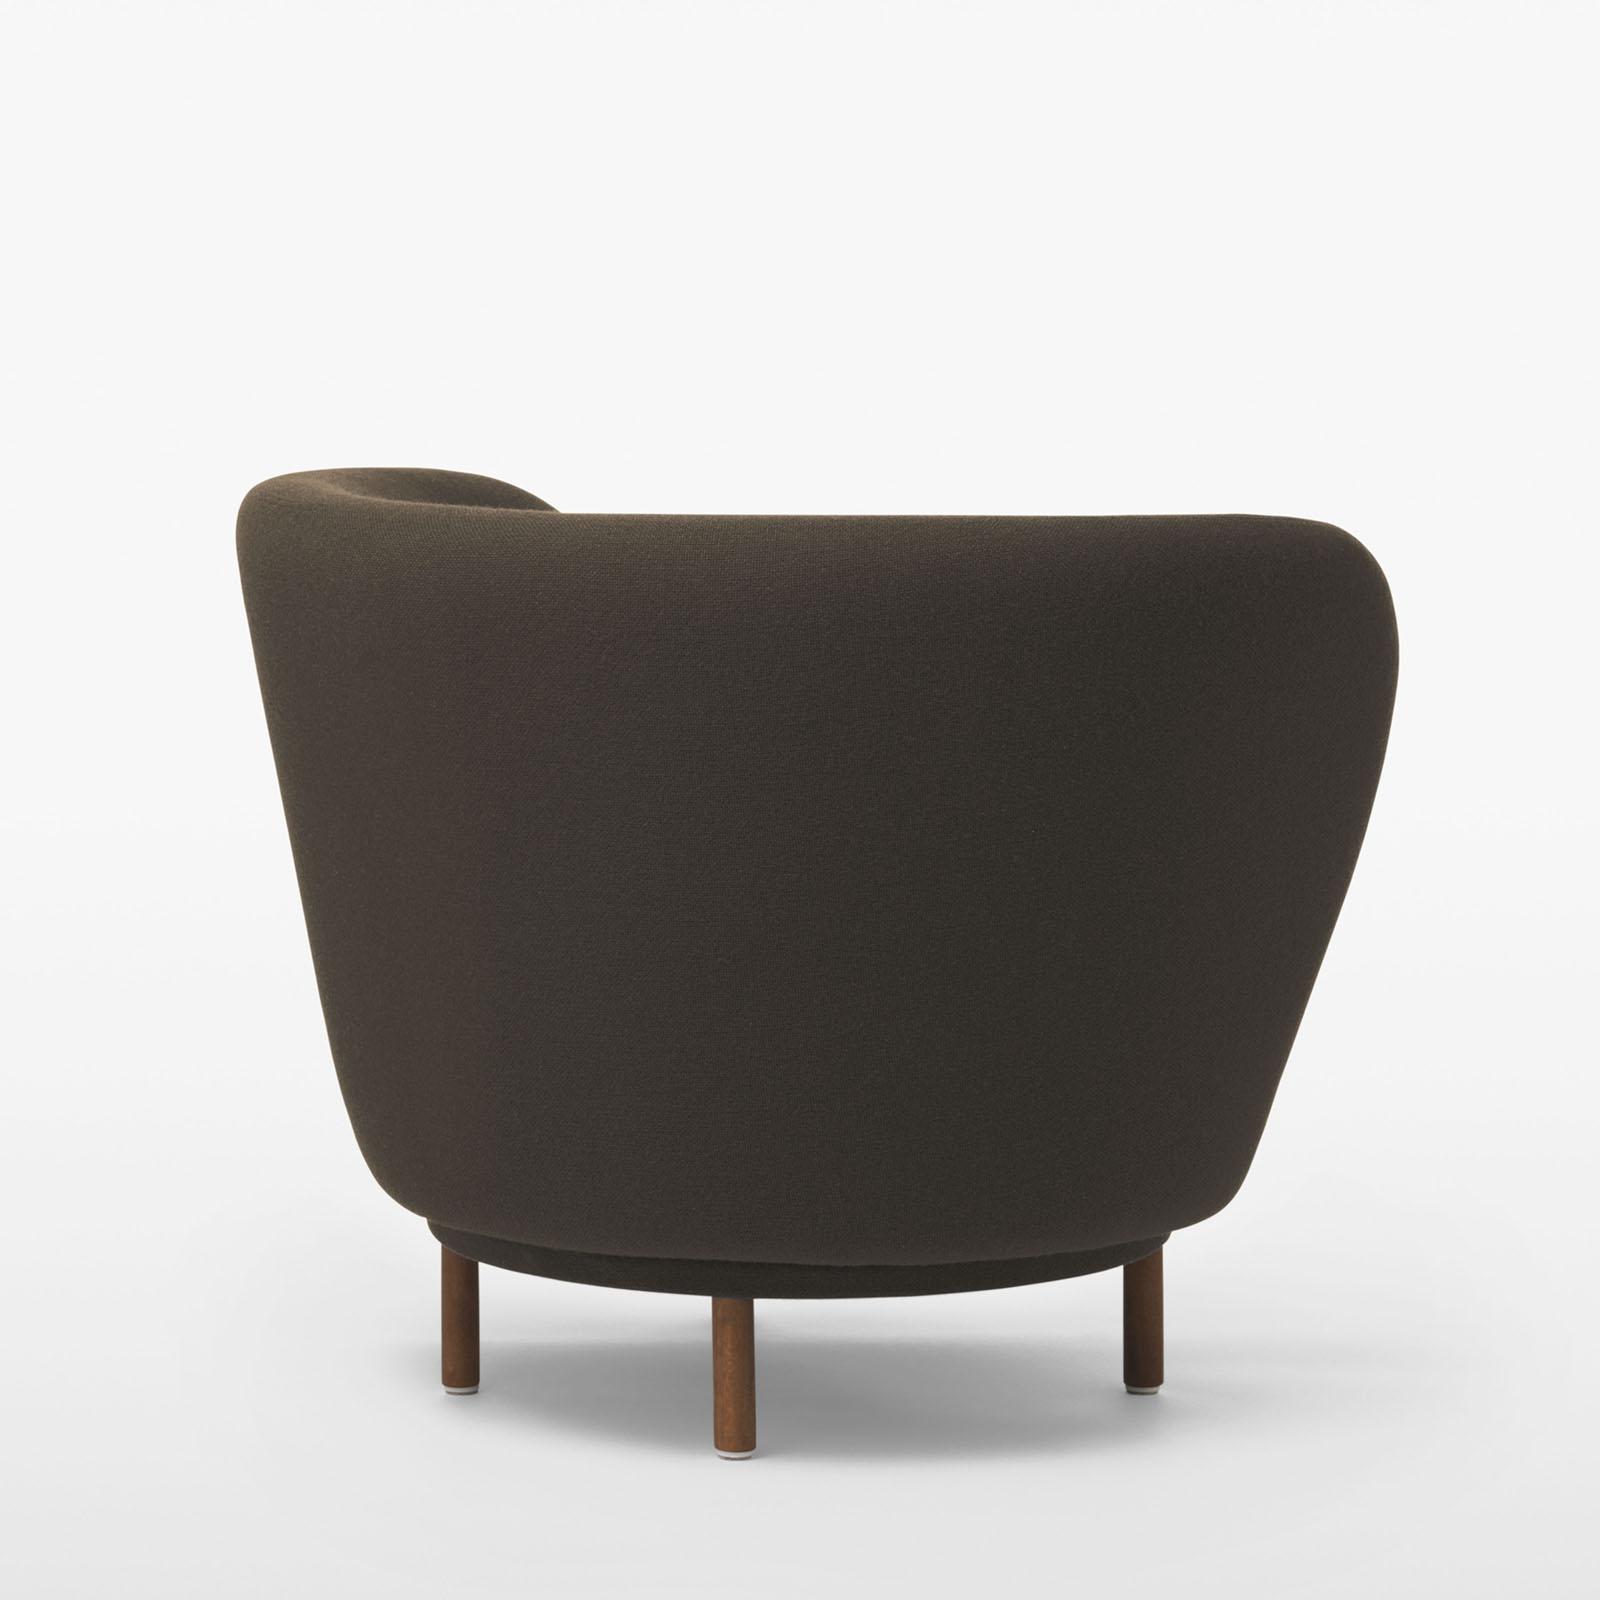 TinnappleMetz-massproductions-dandy-armchair-01